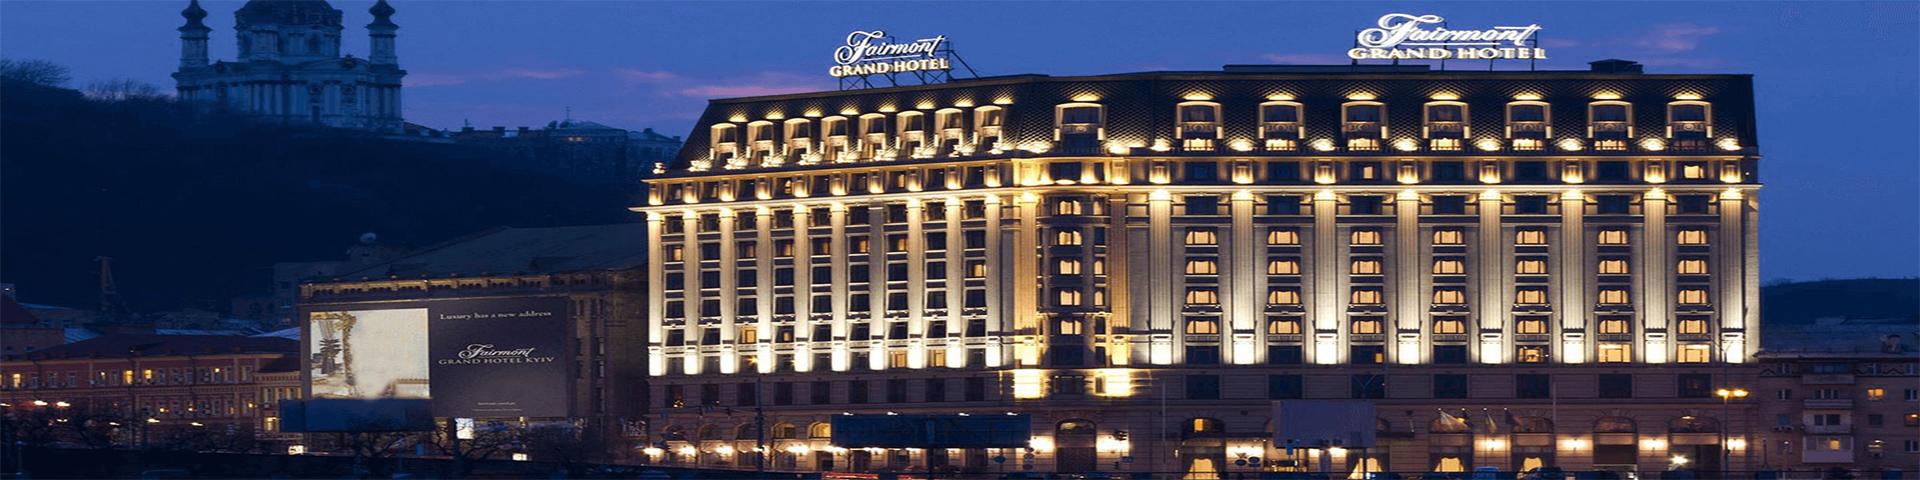 نمای هتل فیرمونت کی یف